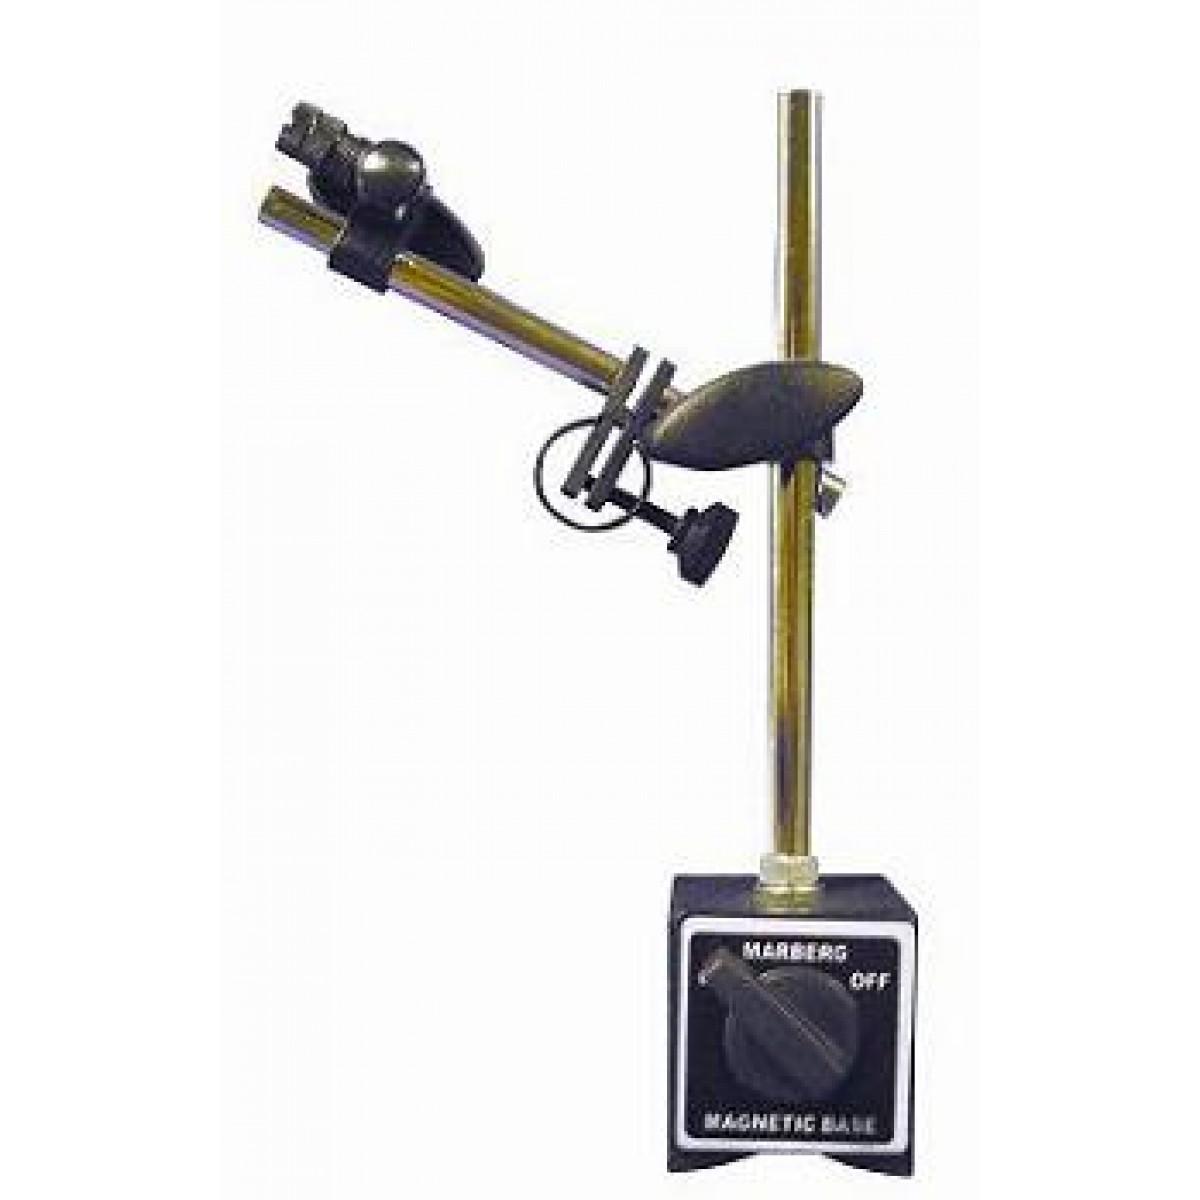 14de43c4d Base Magnética para relógio Comparador - Ferramentas Especiais